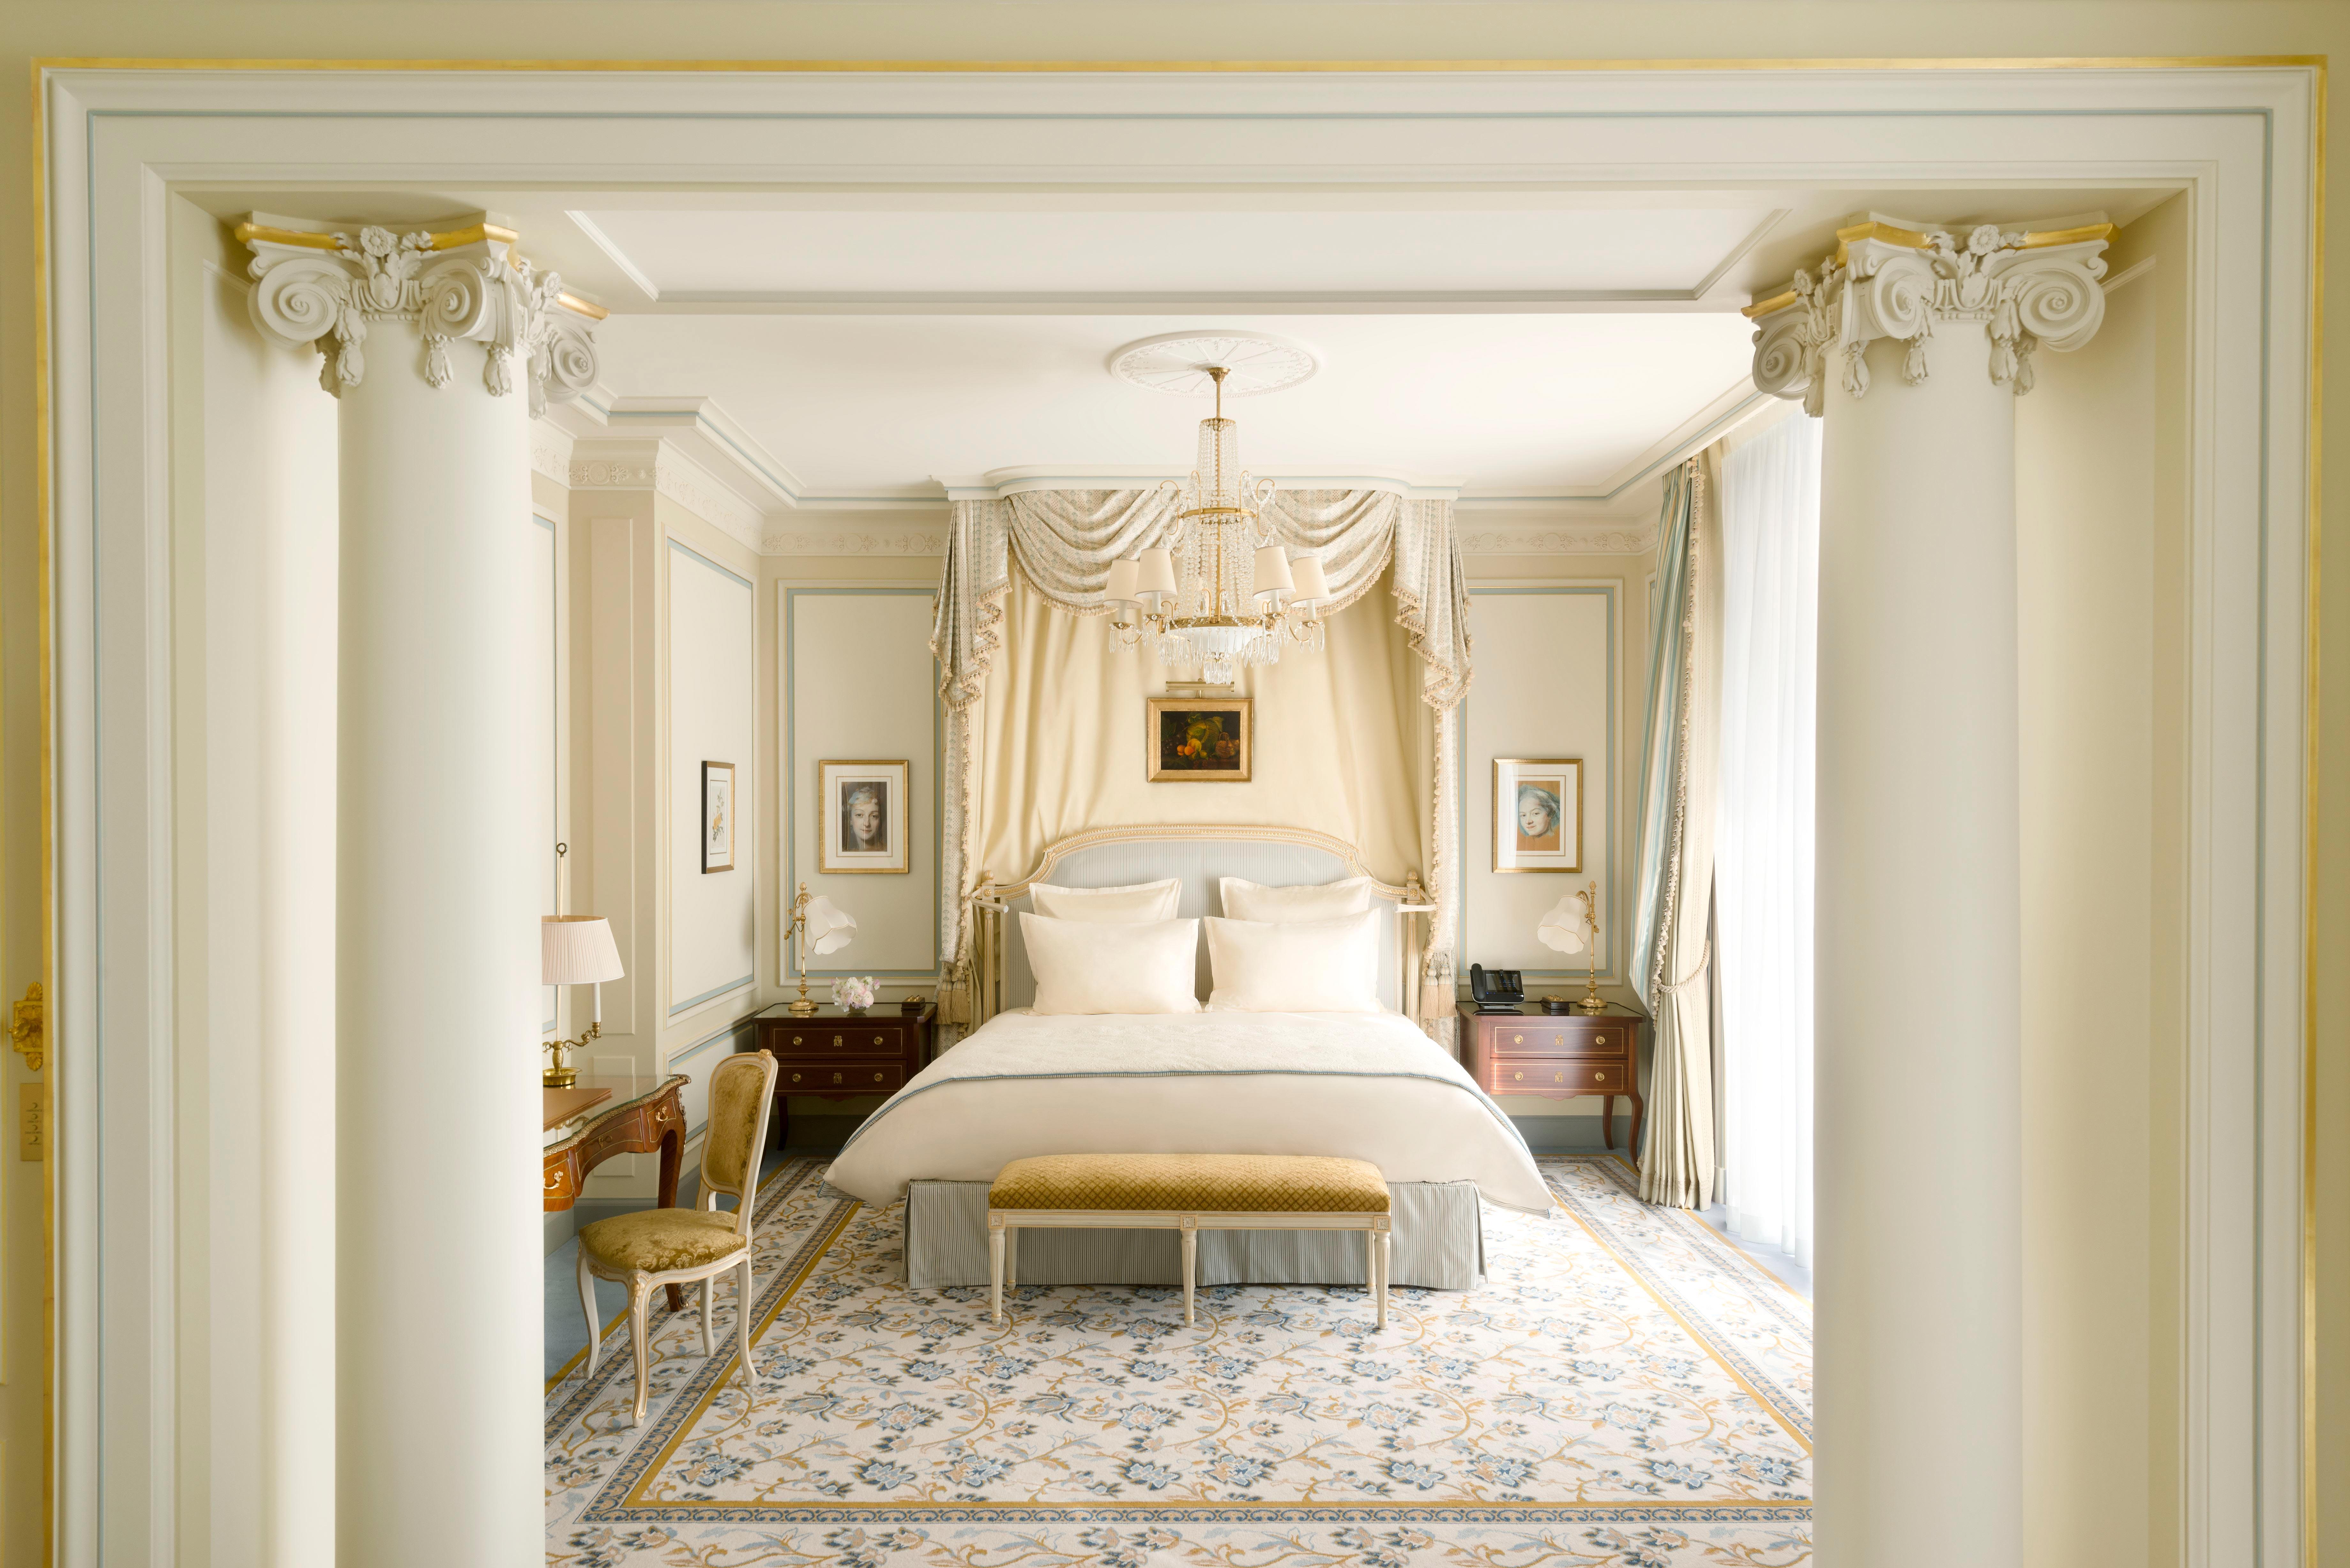 honeymoon ritz bedroom